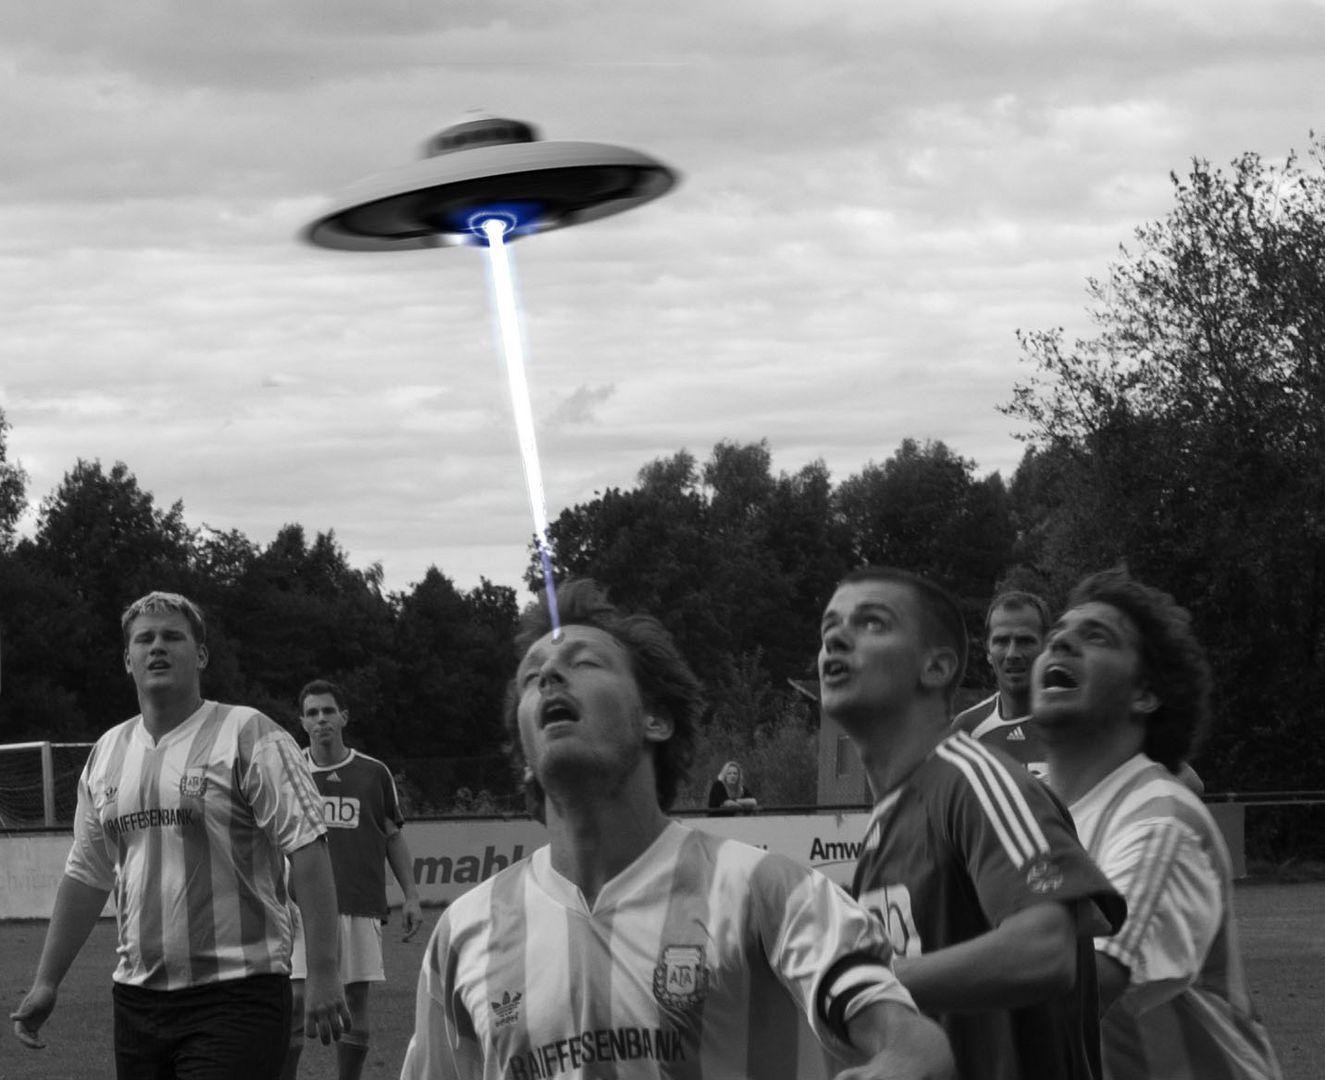 UFOssball